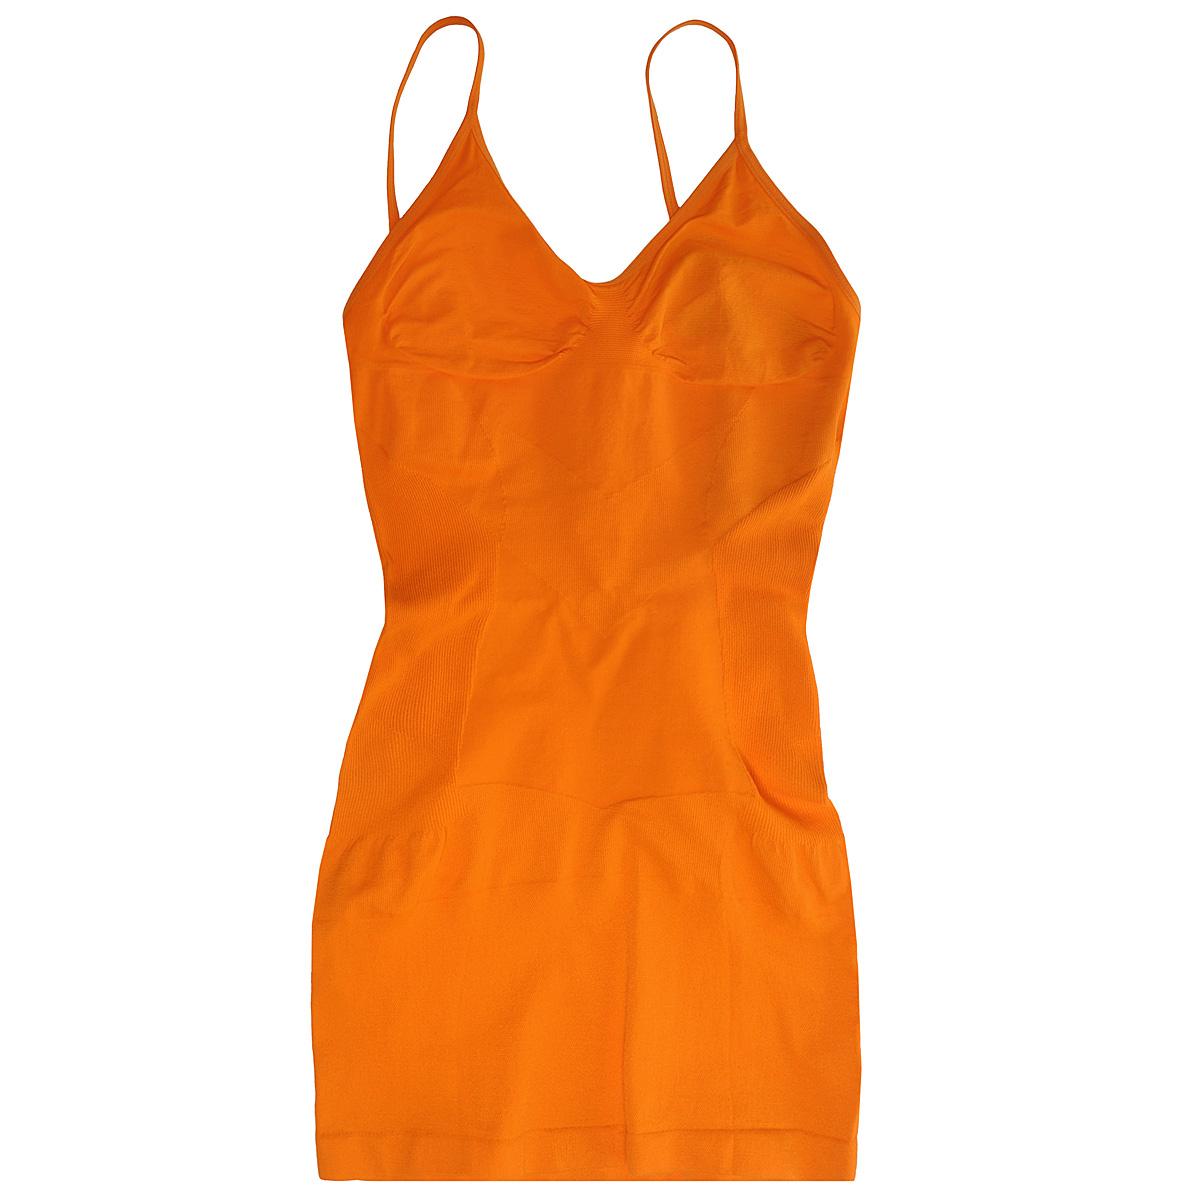 Майка женская Magic BodyFashion Slimming Cami, бесшовная, цвет: оранжевый. 40CM. Размер S (44)